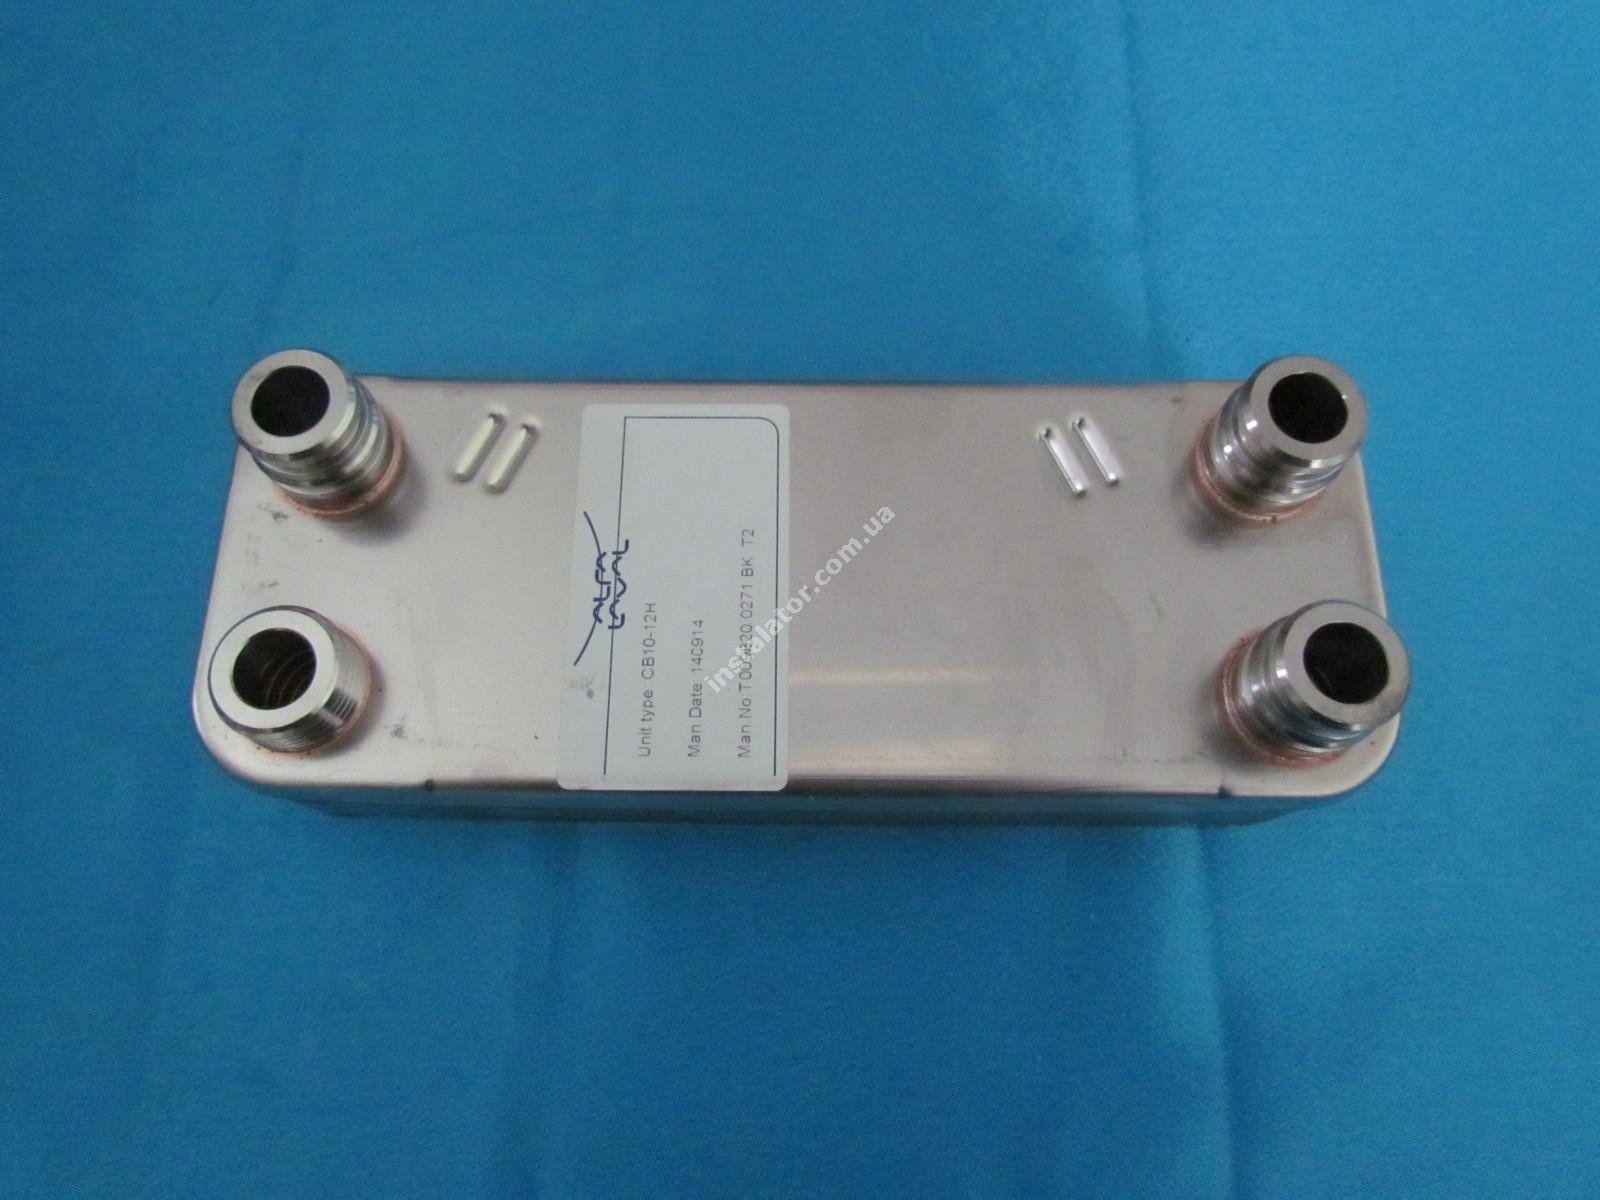 065131 Теплообмінник вторинний ГВП 12 пластин VAILLANT PRO-PLUS (зелені ручки) full-image-1